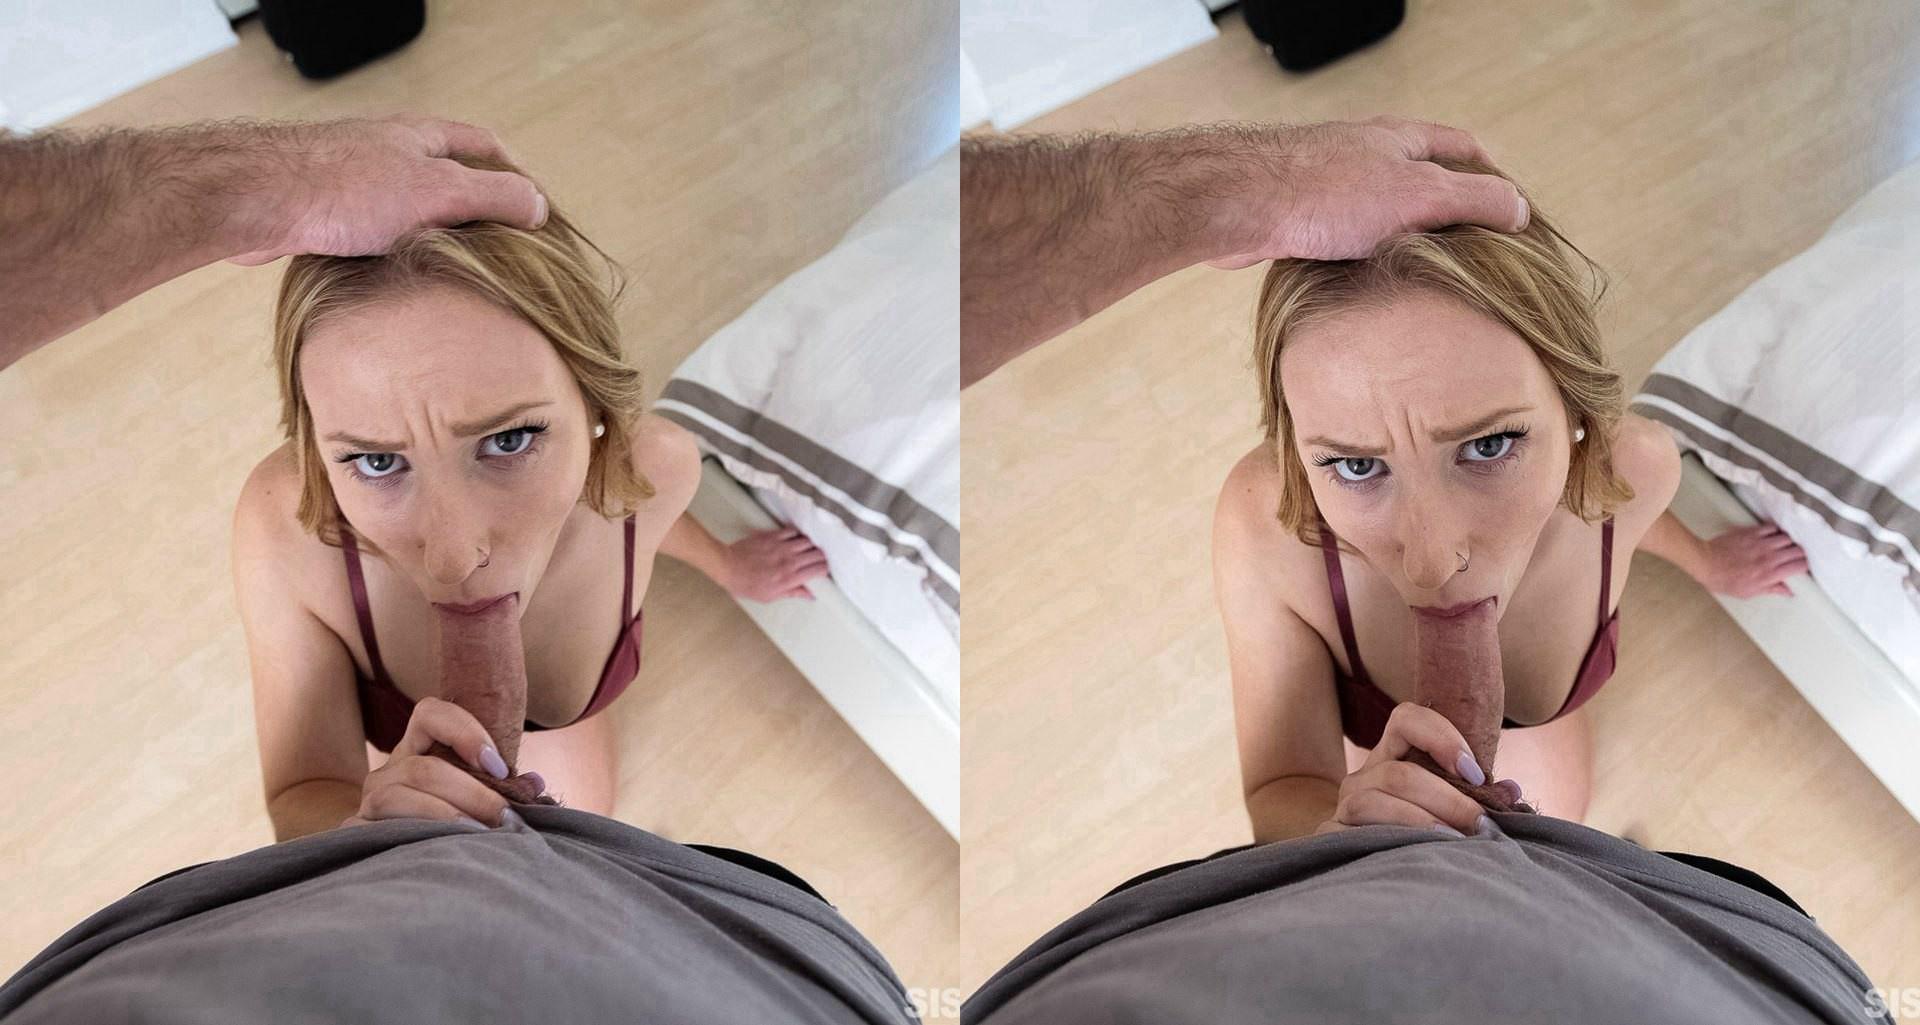 初来乍到请多关照 - 第1张  | 性趣套图